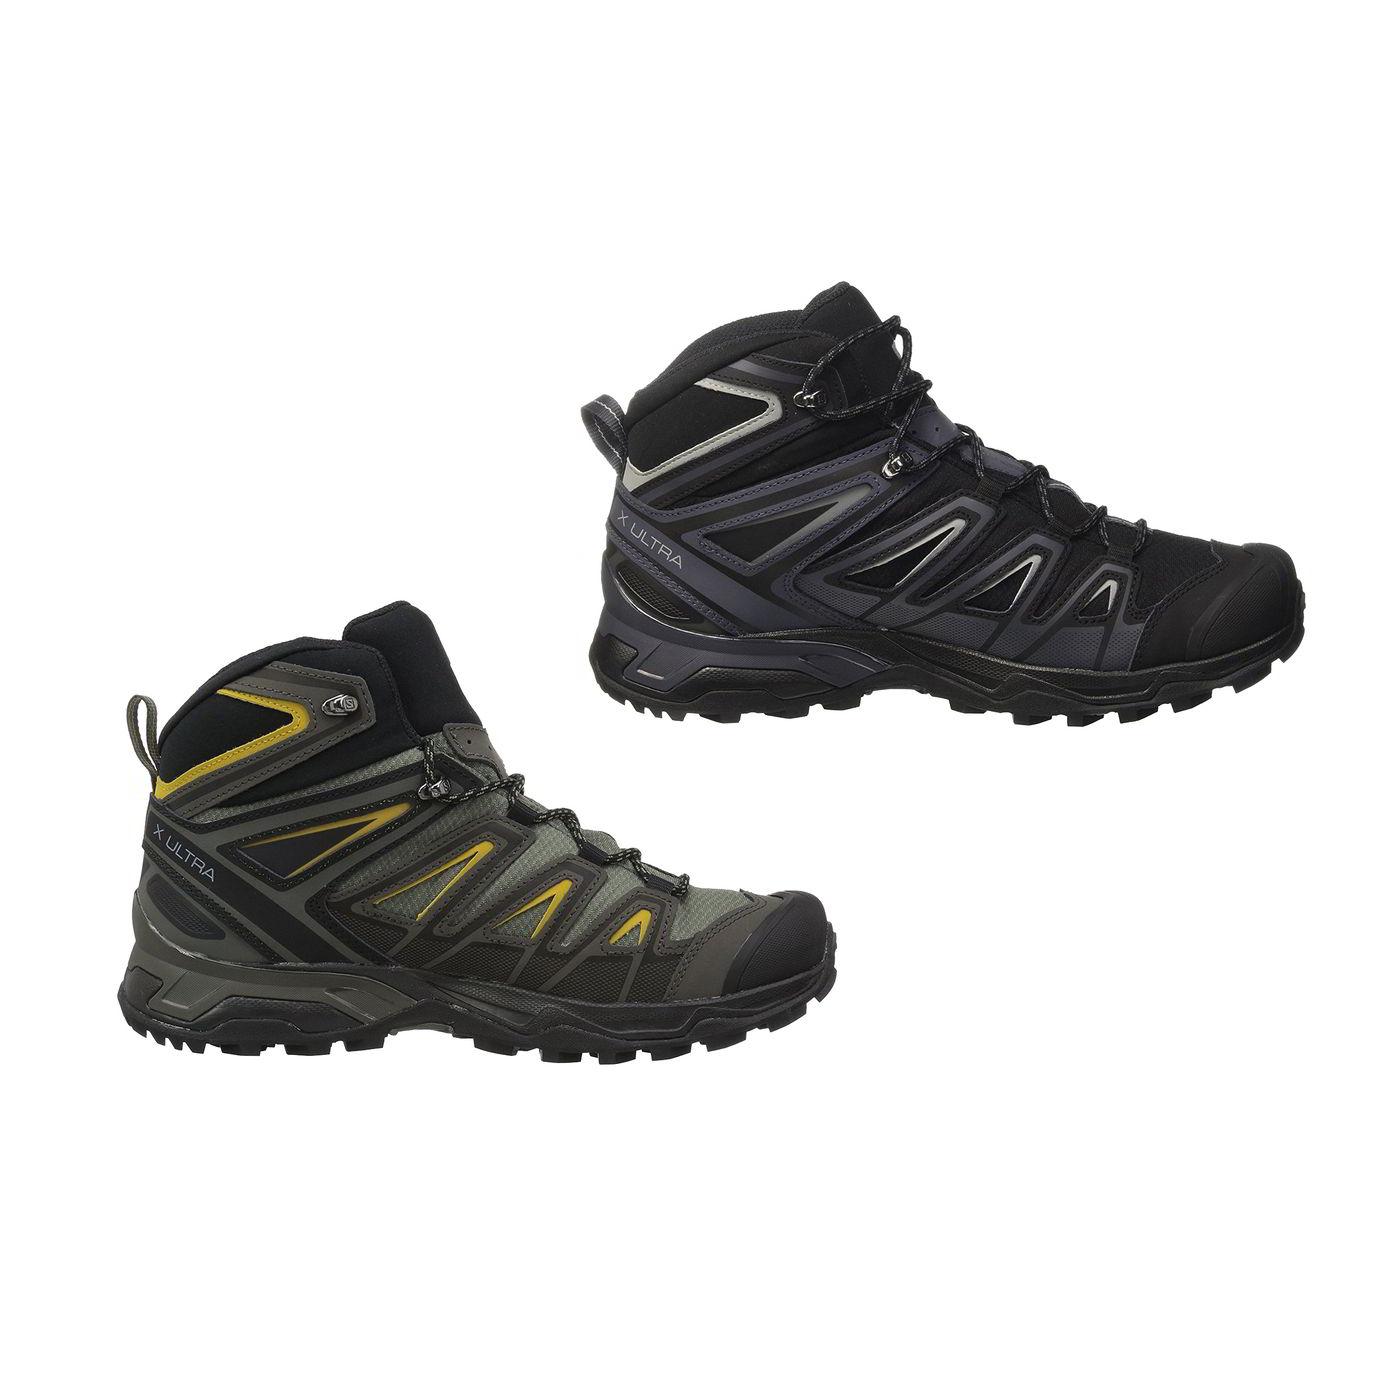 65bde289bf8 Detalles de Salomon Ultra 3 Mid Gtx Para Hombre X Gore-Tex Impermeable  Caminar Botas Zapatos Talla 8-12- ver título original